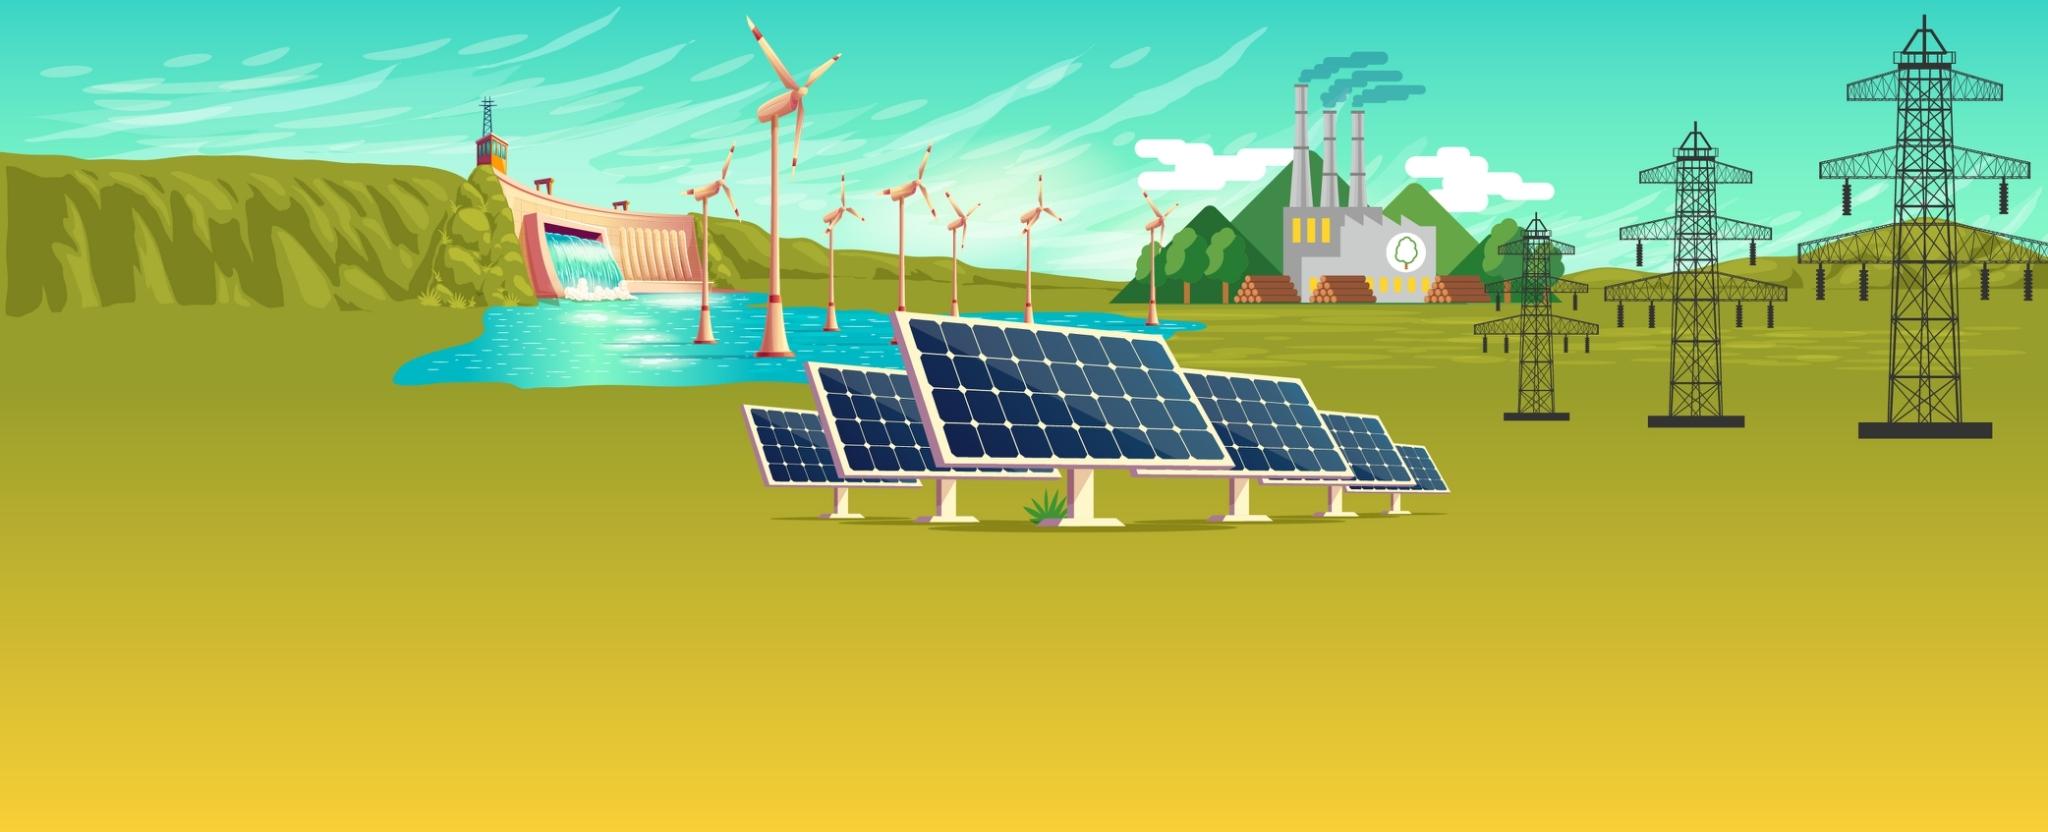 อนาคตพลังงานสะอาด : ยังไปต่อได้…แม้อาจสะดุดจากวิกฤต COVID-19